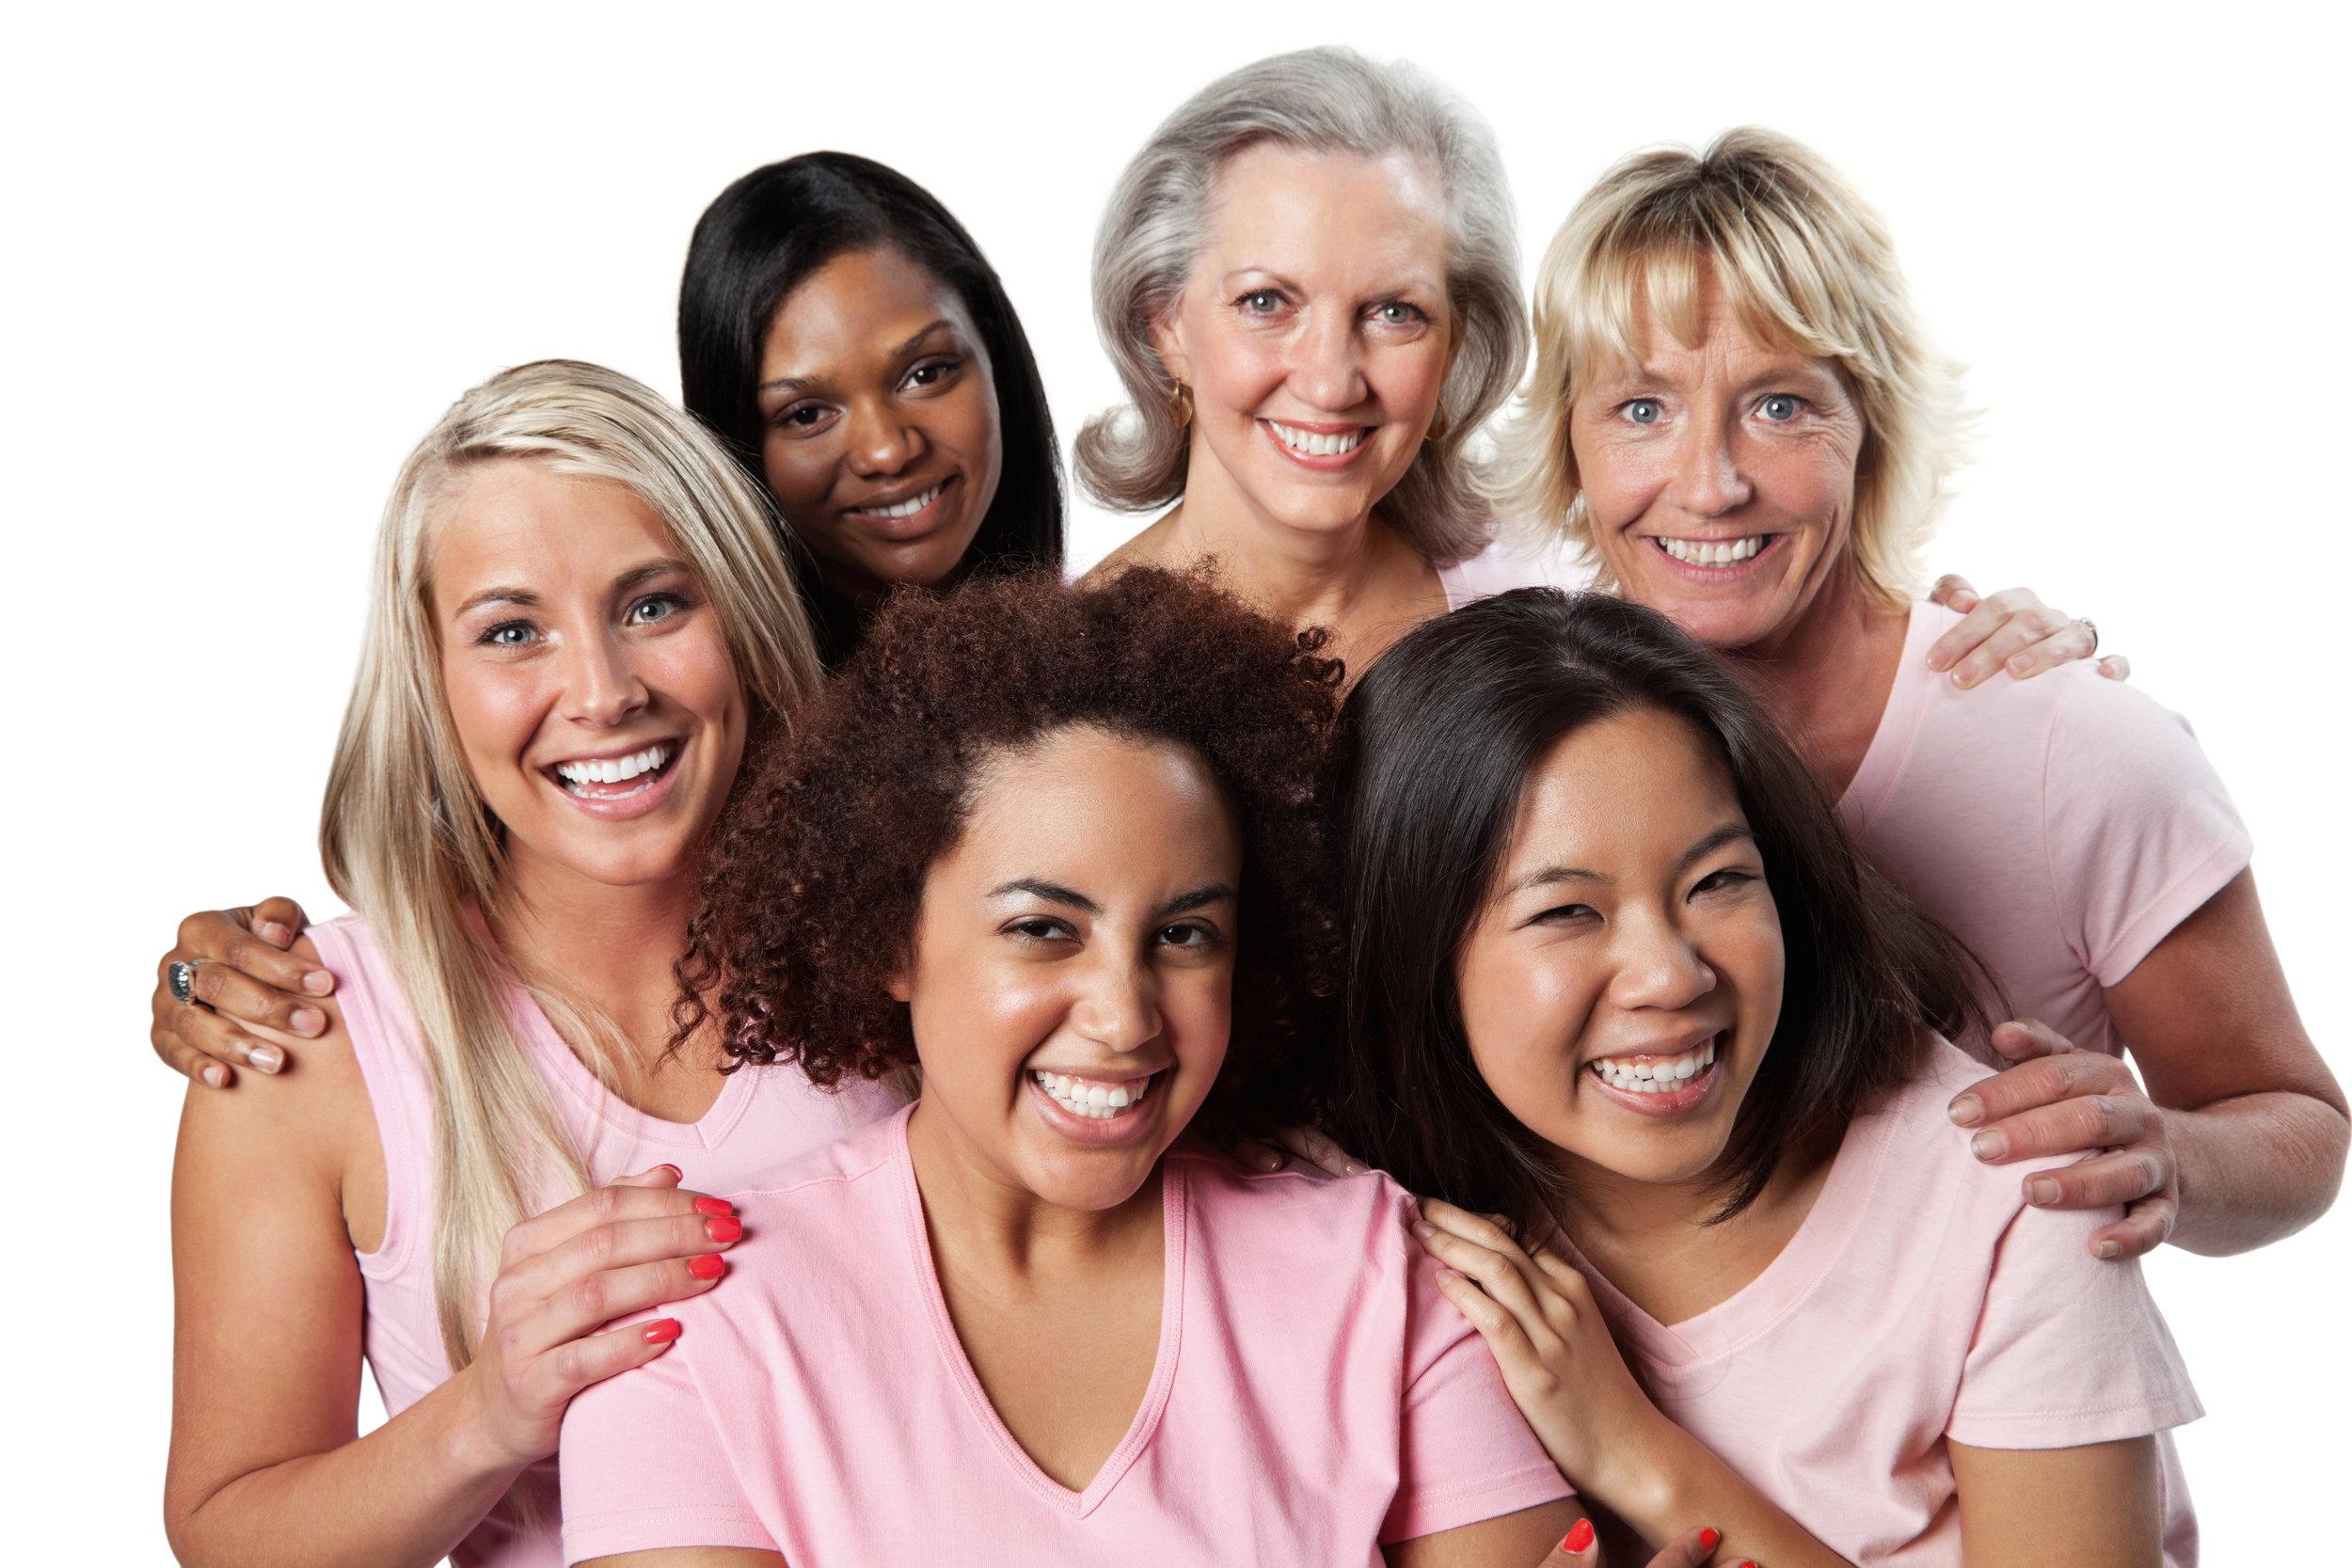 OFFICIAL HIGH RES WOMEN.jpg